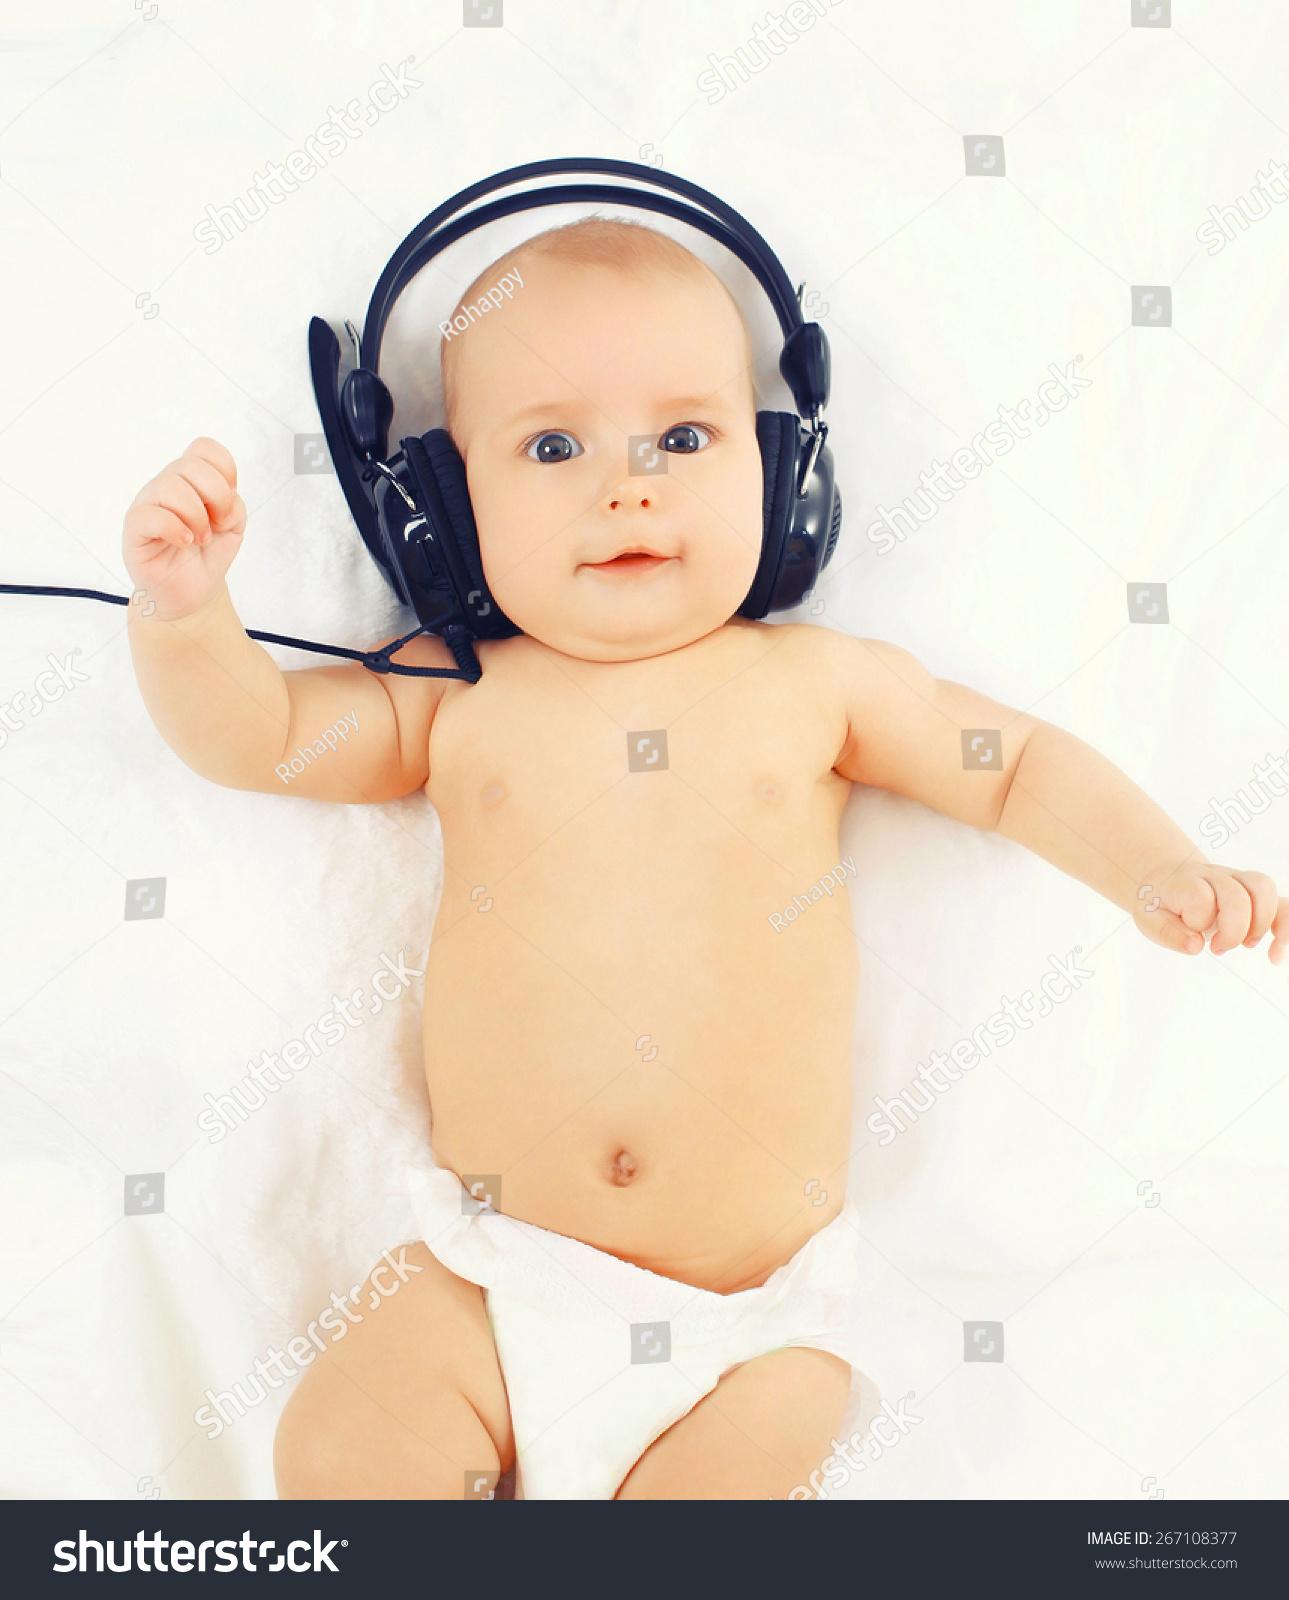 可爱的宝宝的画像在耳机躺在床上听音乐